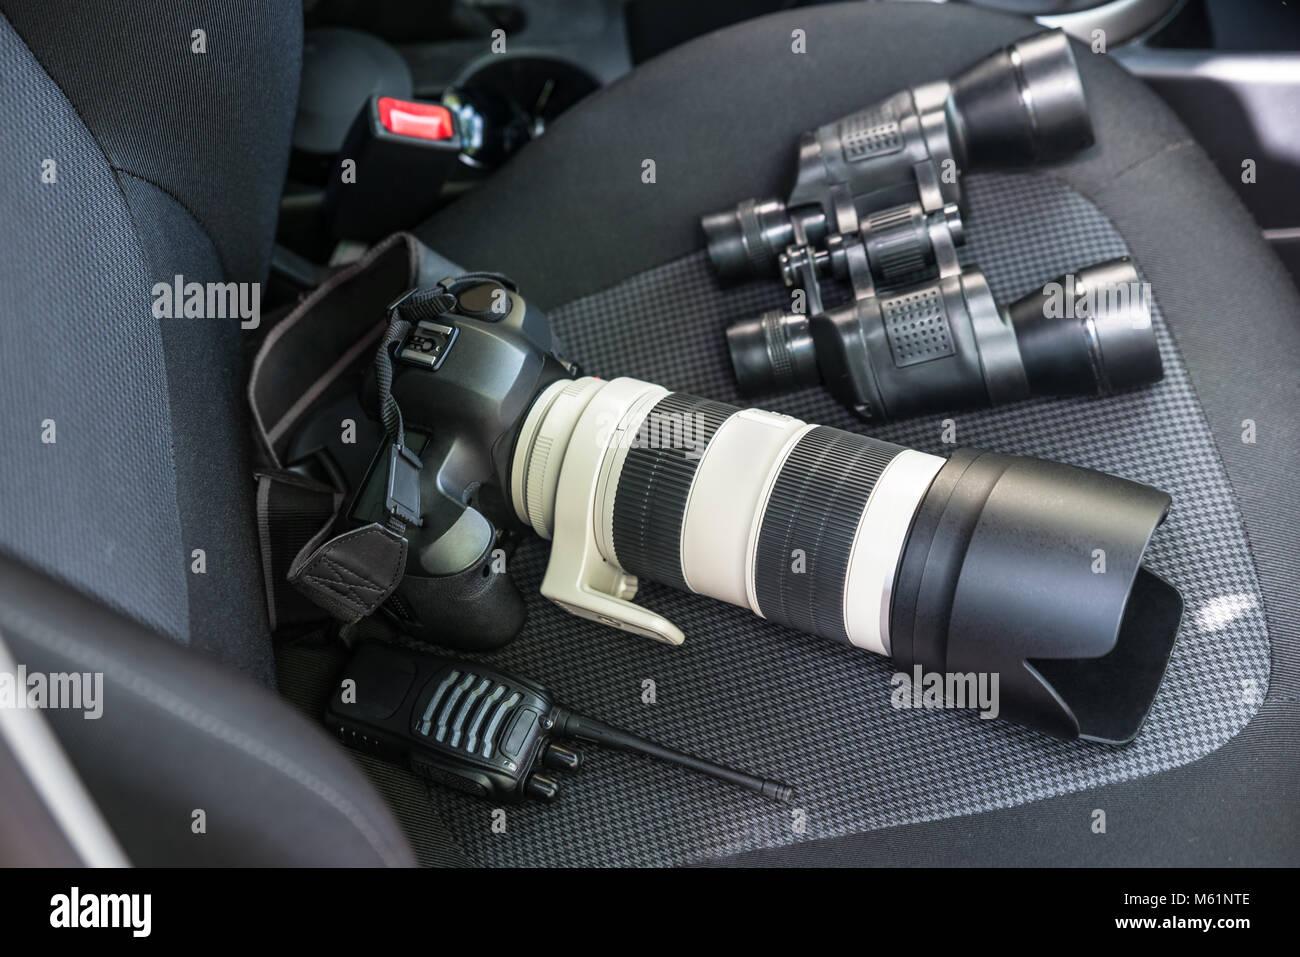 Ansicht von elektronischen Geräten auf Autositz Stockbild